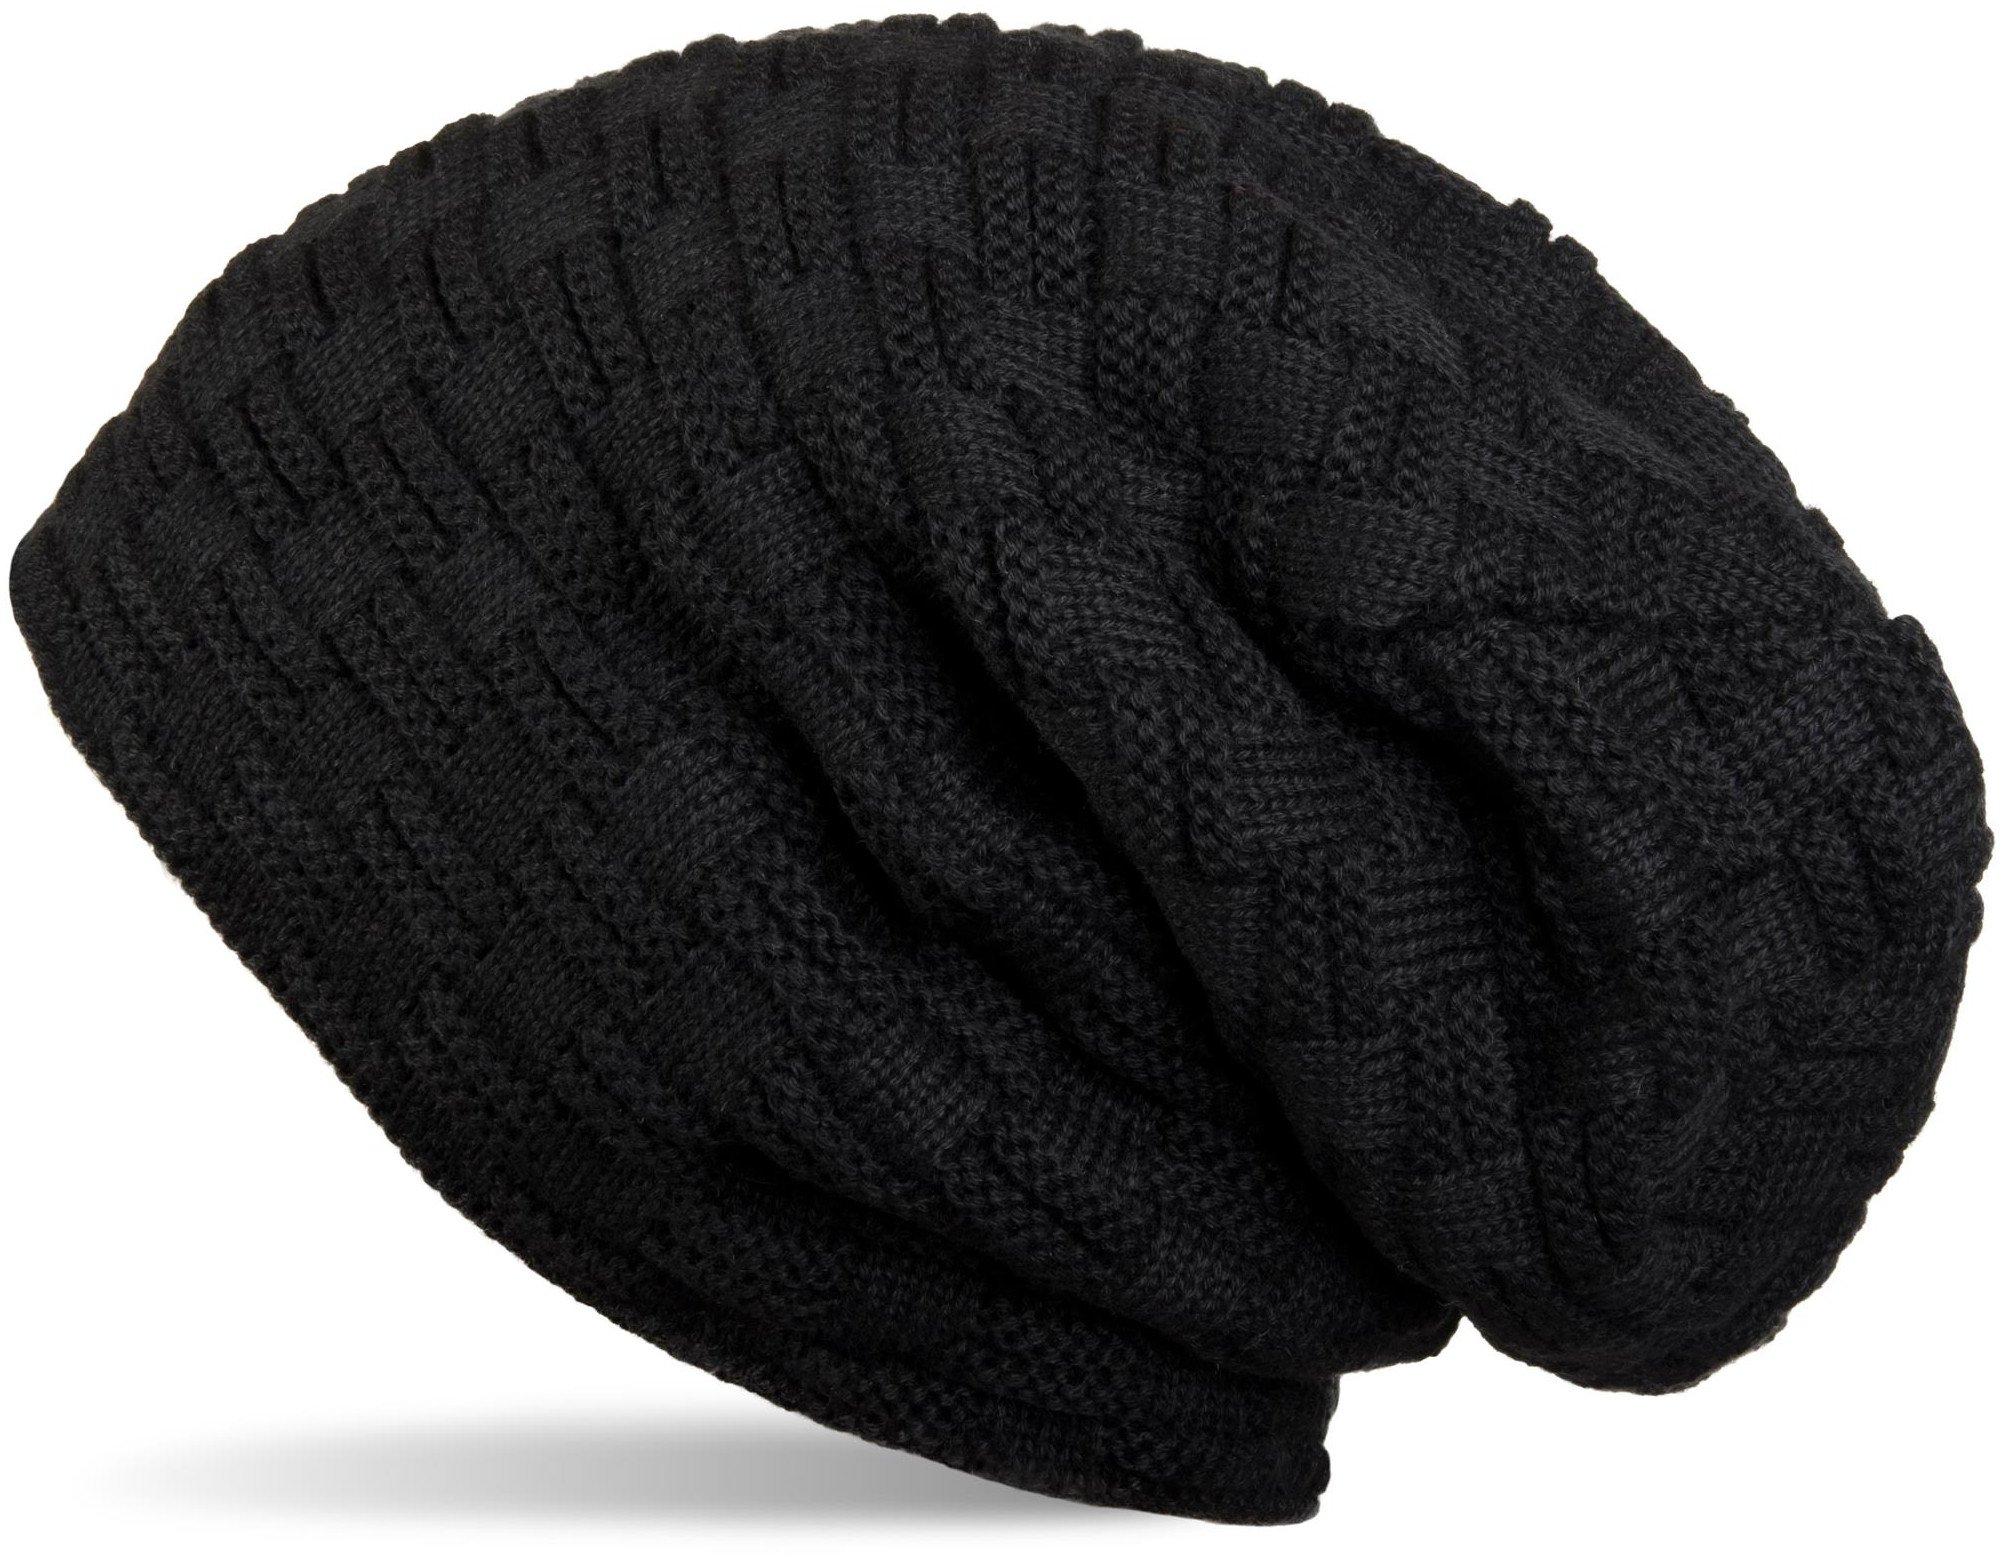 d7684810dc styleBREAKER Chaud Bonnet de Fin Tricot Motif de Tresse Doublure en Polaire  très Doux, Toque